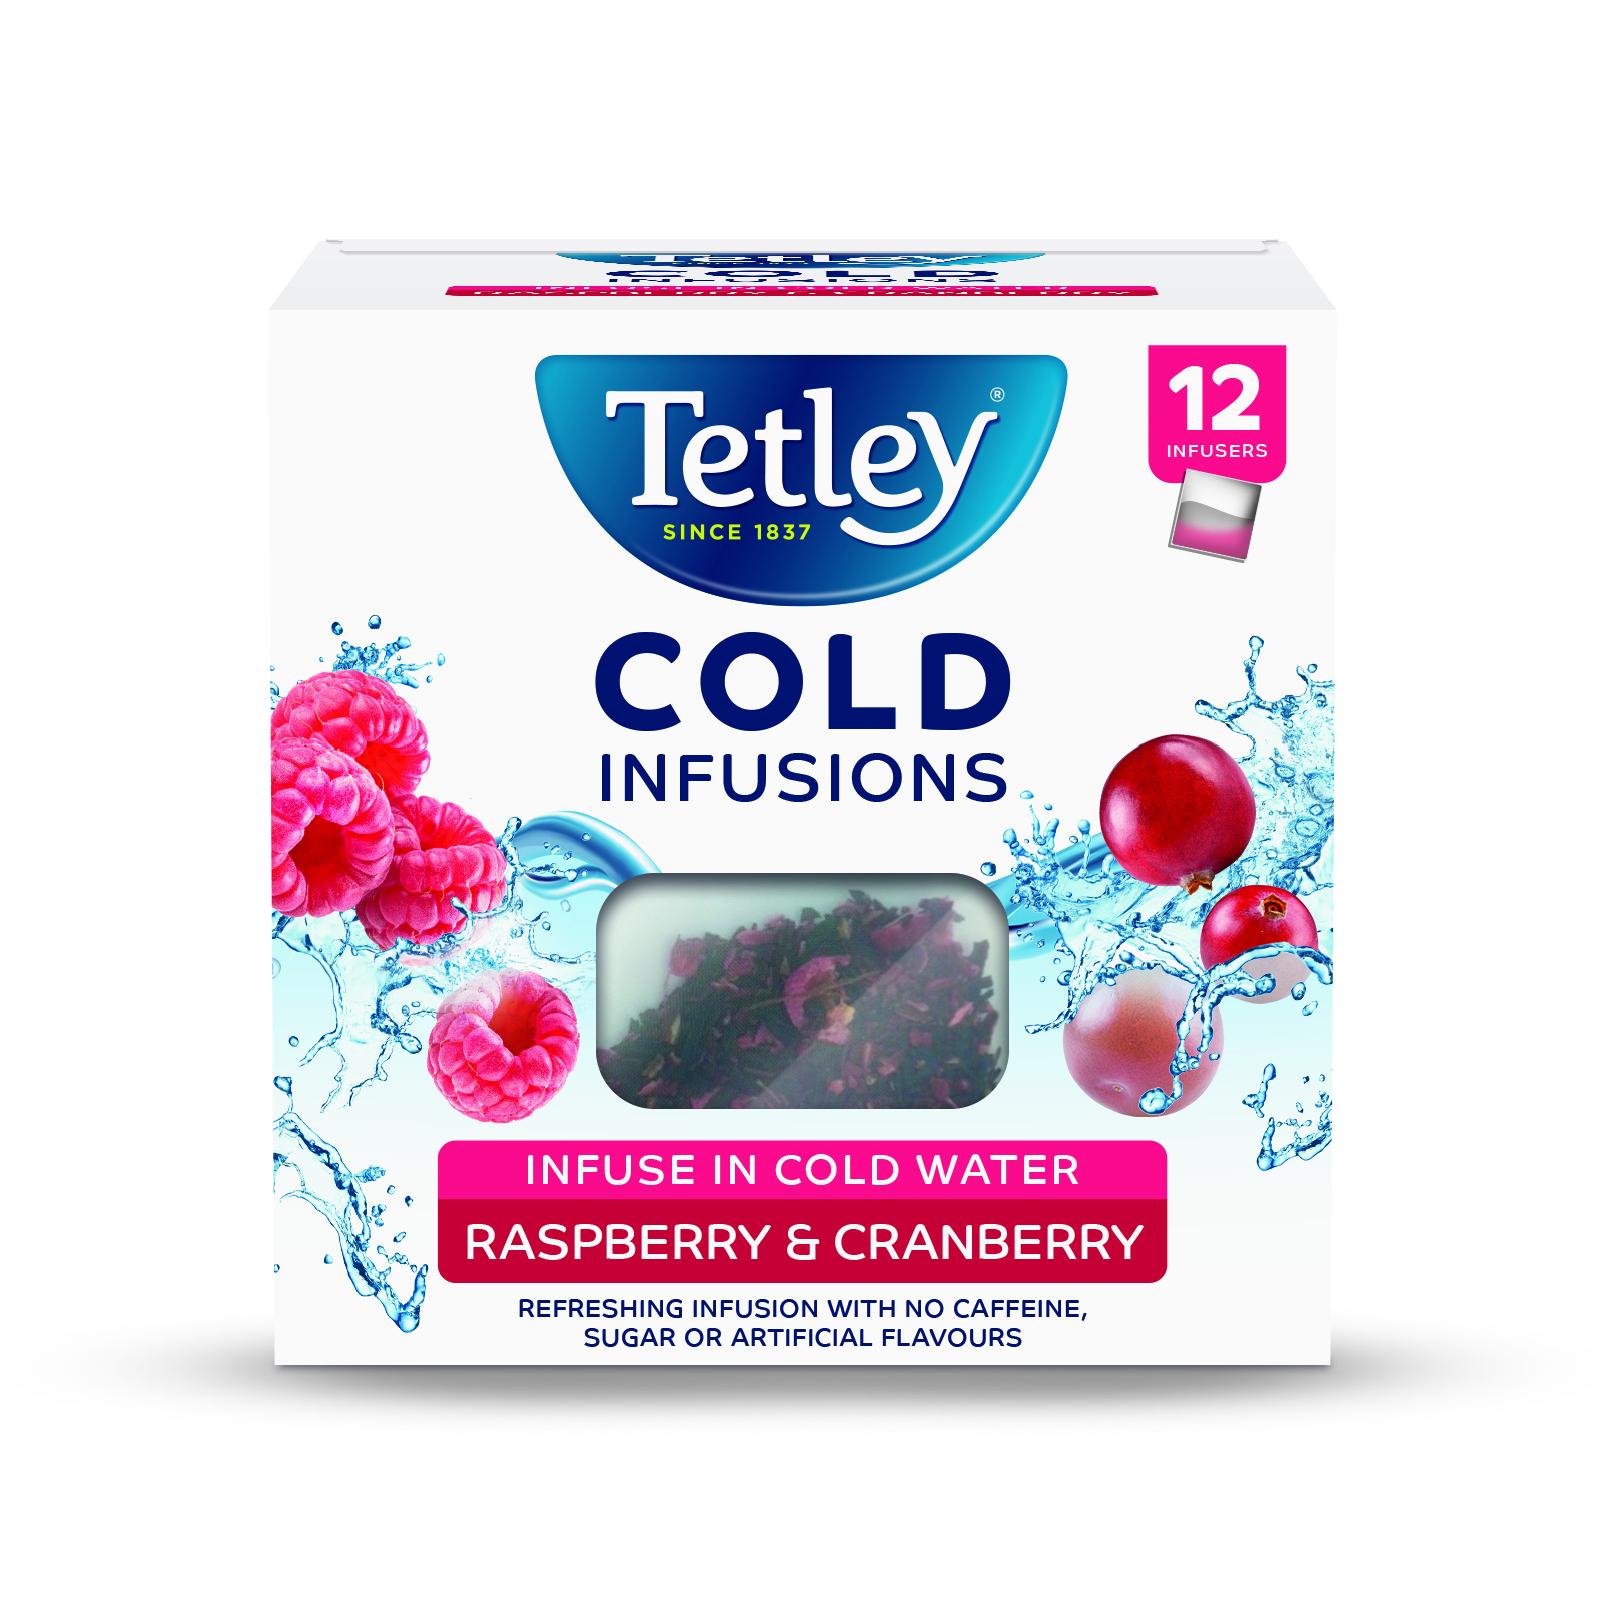 Tetley Tea Launches Tetley Herbal Infusions